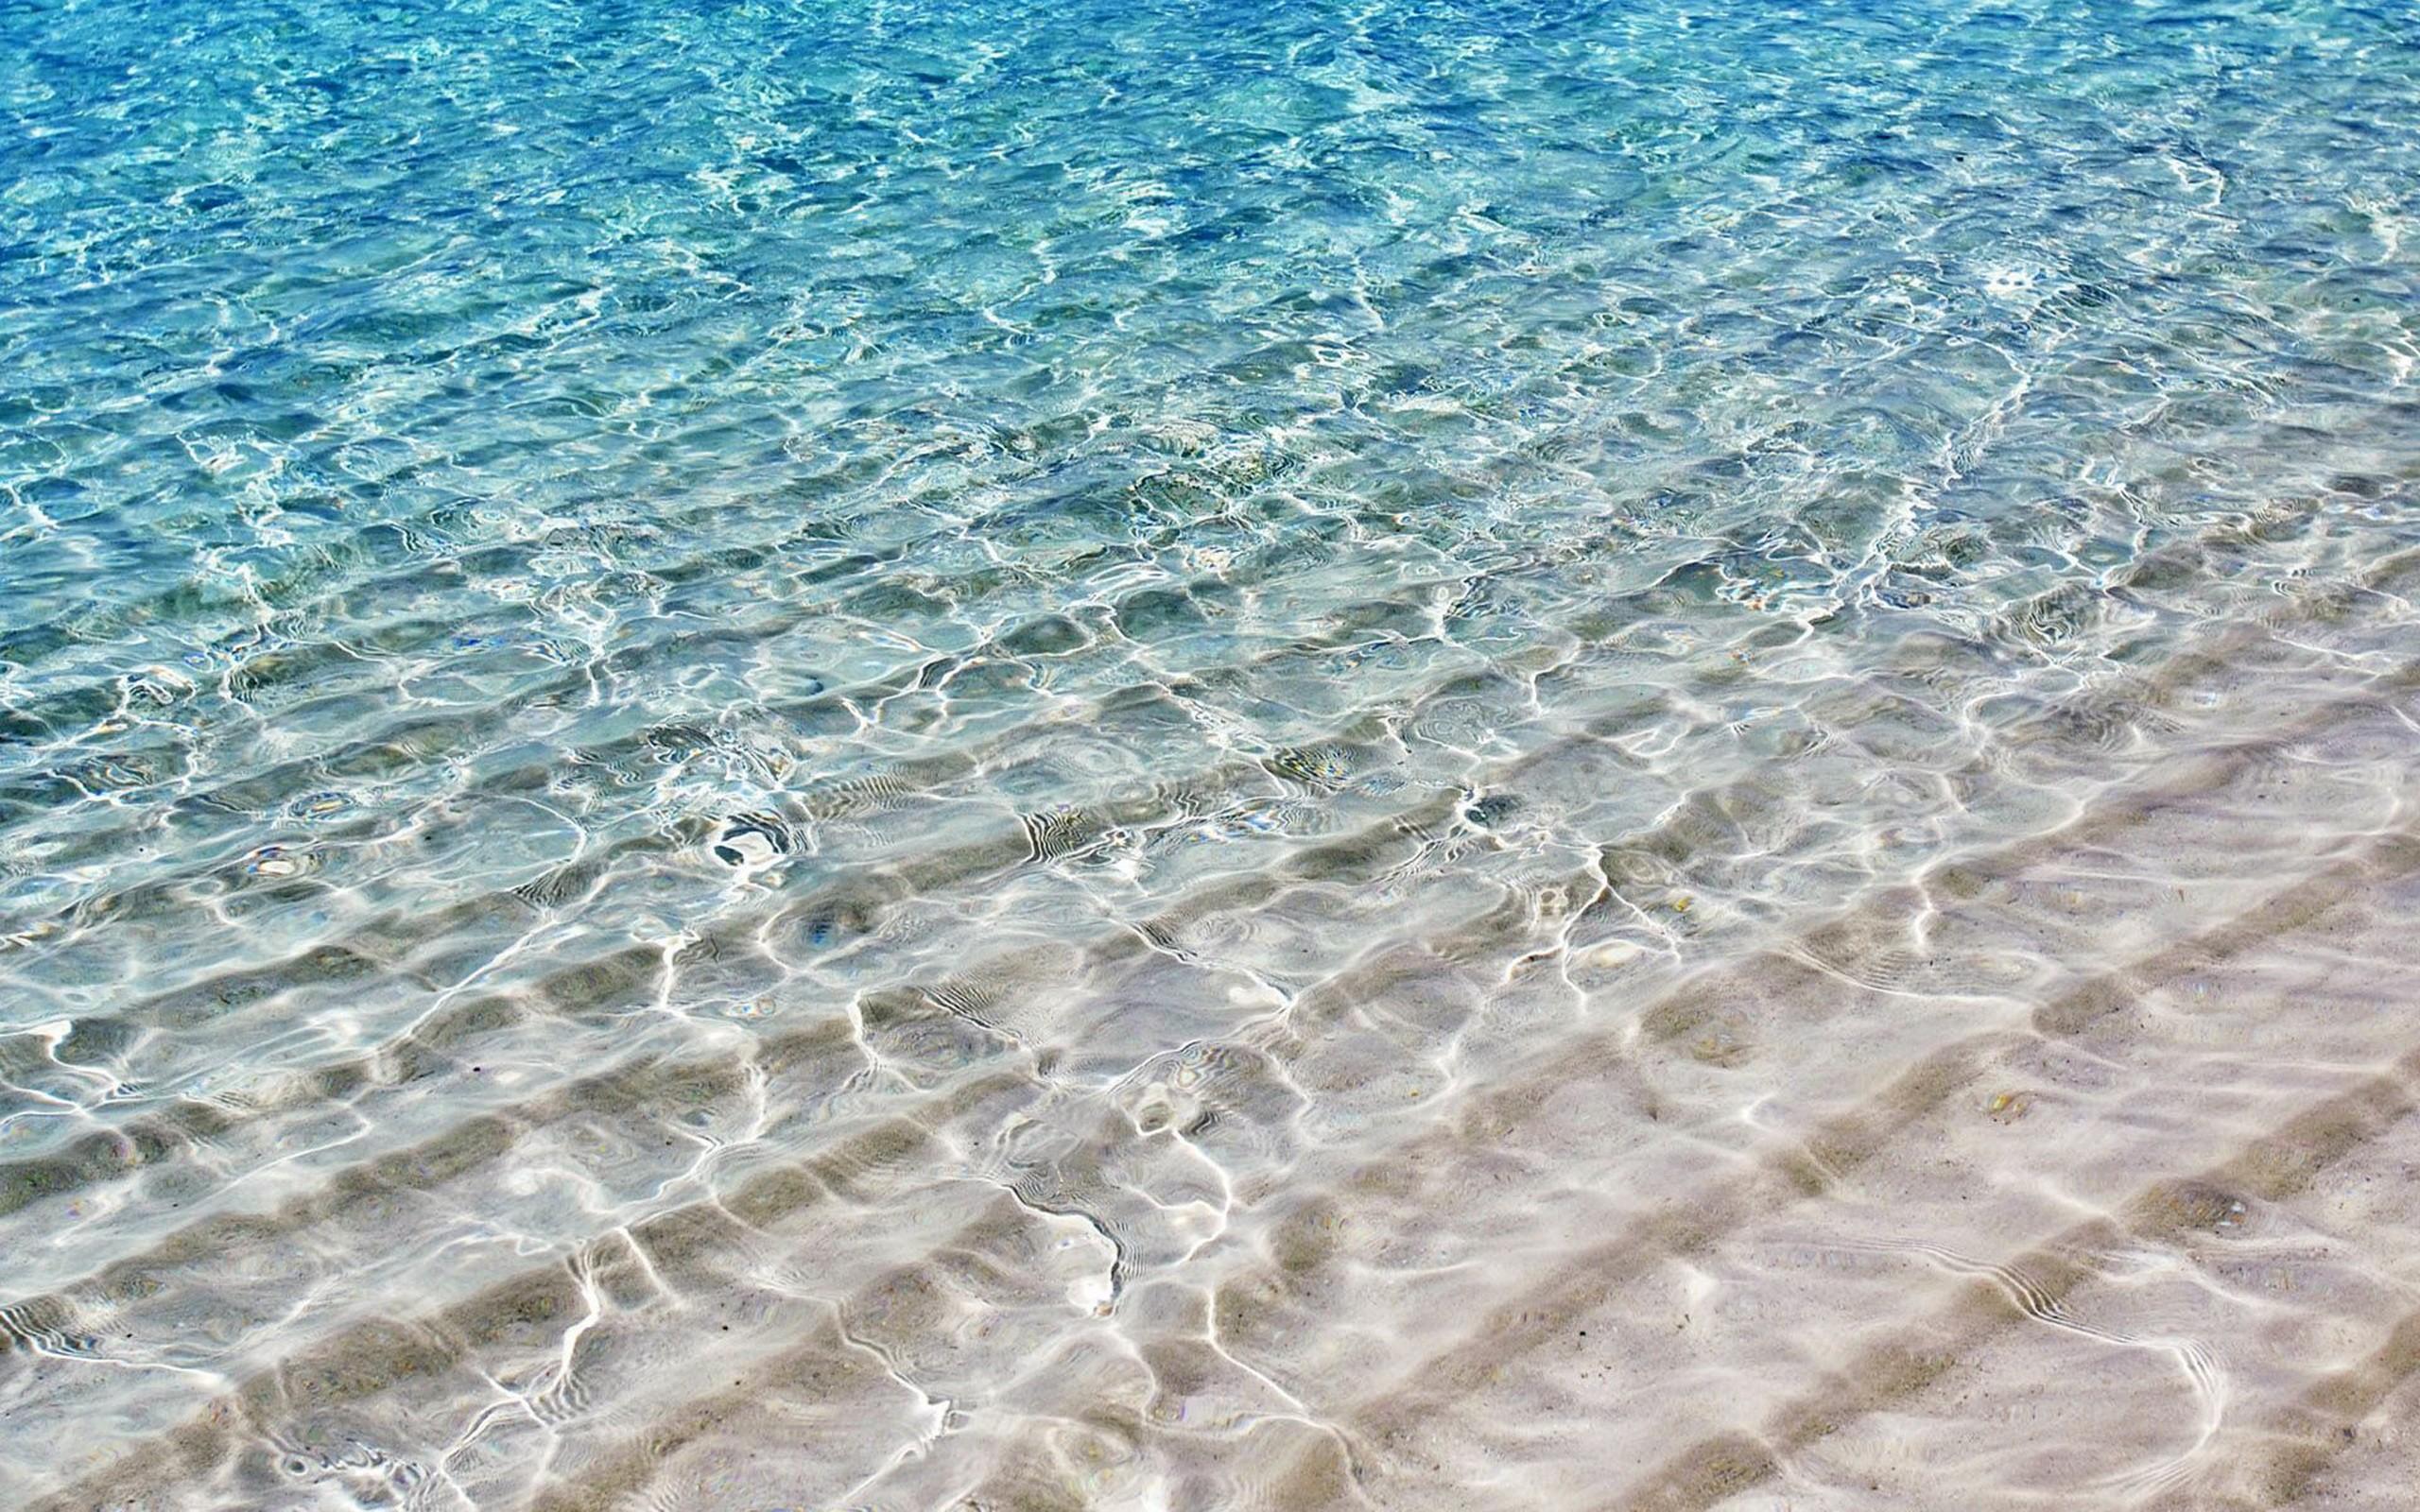 такой картинки пляжа воды становитесь краснее омара